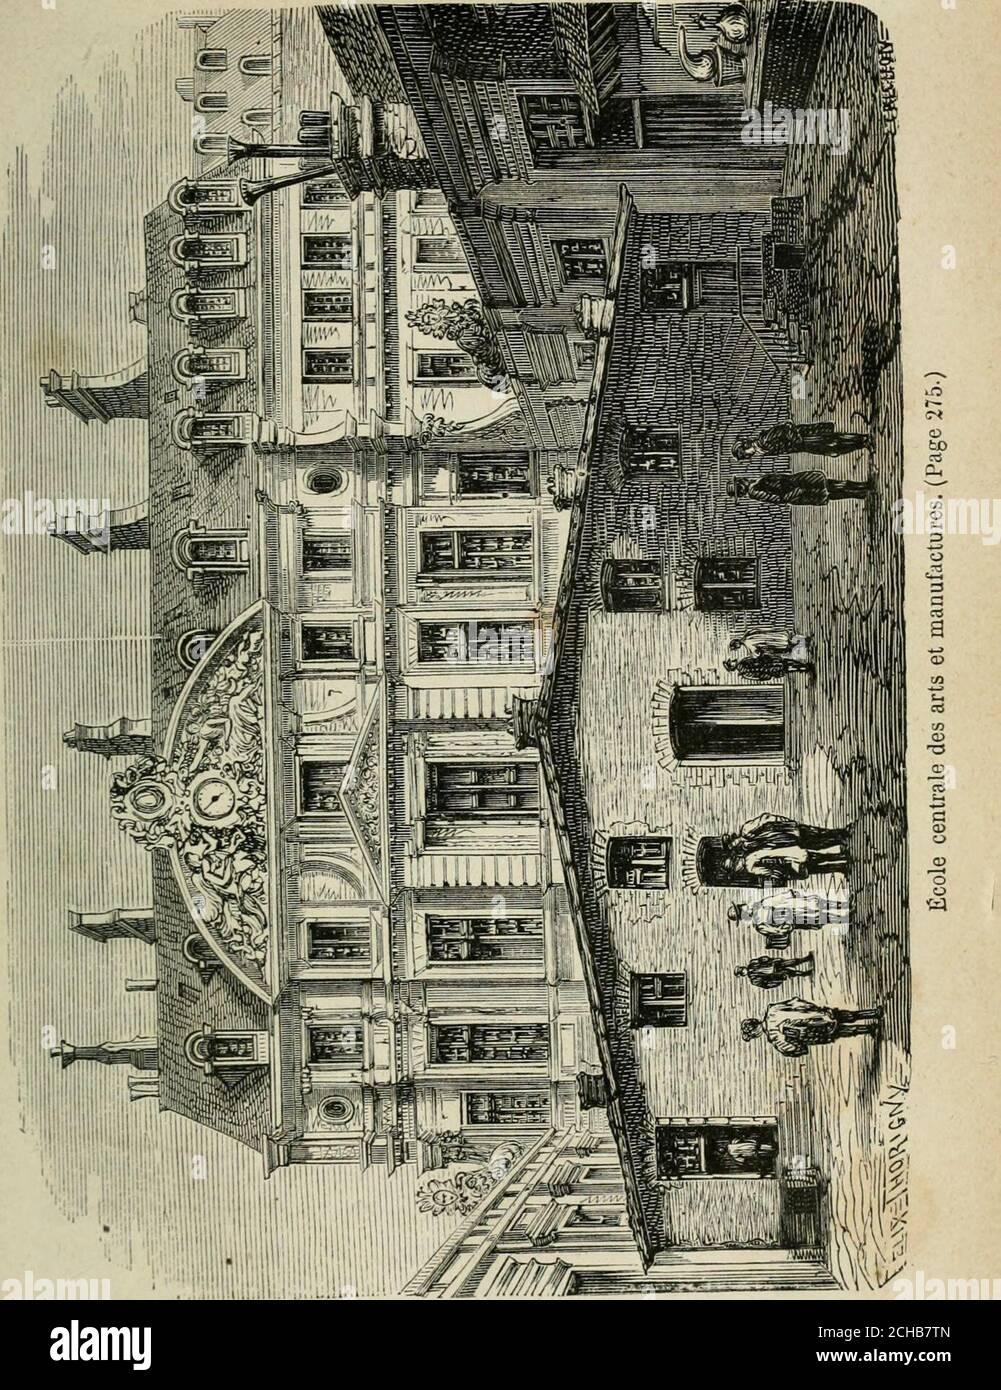 . Les merveilles du Nouveau Paris-- . -major et sont reparties dans les armures oules hôpitaux de lintérieur ou des colonies. LÉcole des mines, créée en 1783, retirée en 1793, réta-blie en 1816, est destinée à l'ancienne des ingénieurs des mines, pour les grandes exploitations métallurgiques, pour la direction et le contrôle des écoles de fer, etc. Onest admet à cette, de diingt-six et ladurée des études est de trois années. De cette école dependun bureau dessai où tout industriel peut demander à fairelextérience des nouvelles substances minérales utiles pila pu dc Banque D'Images